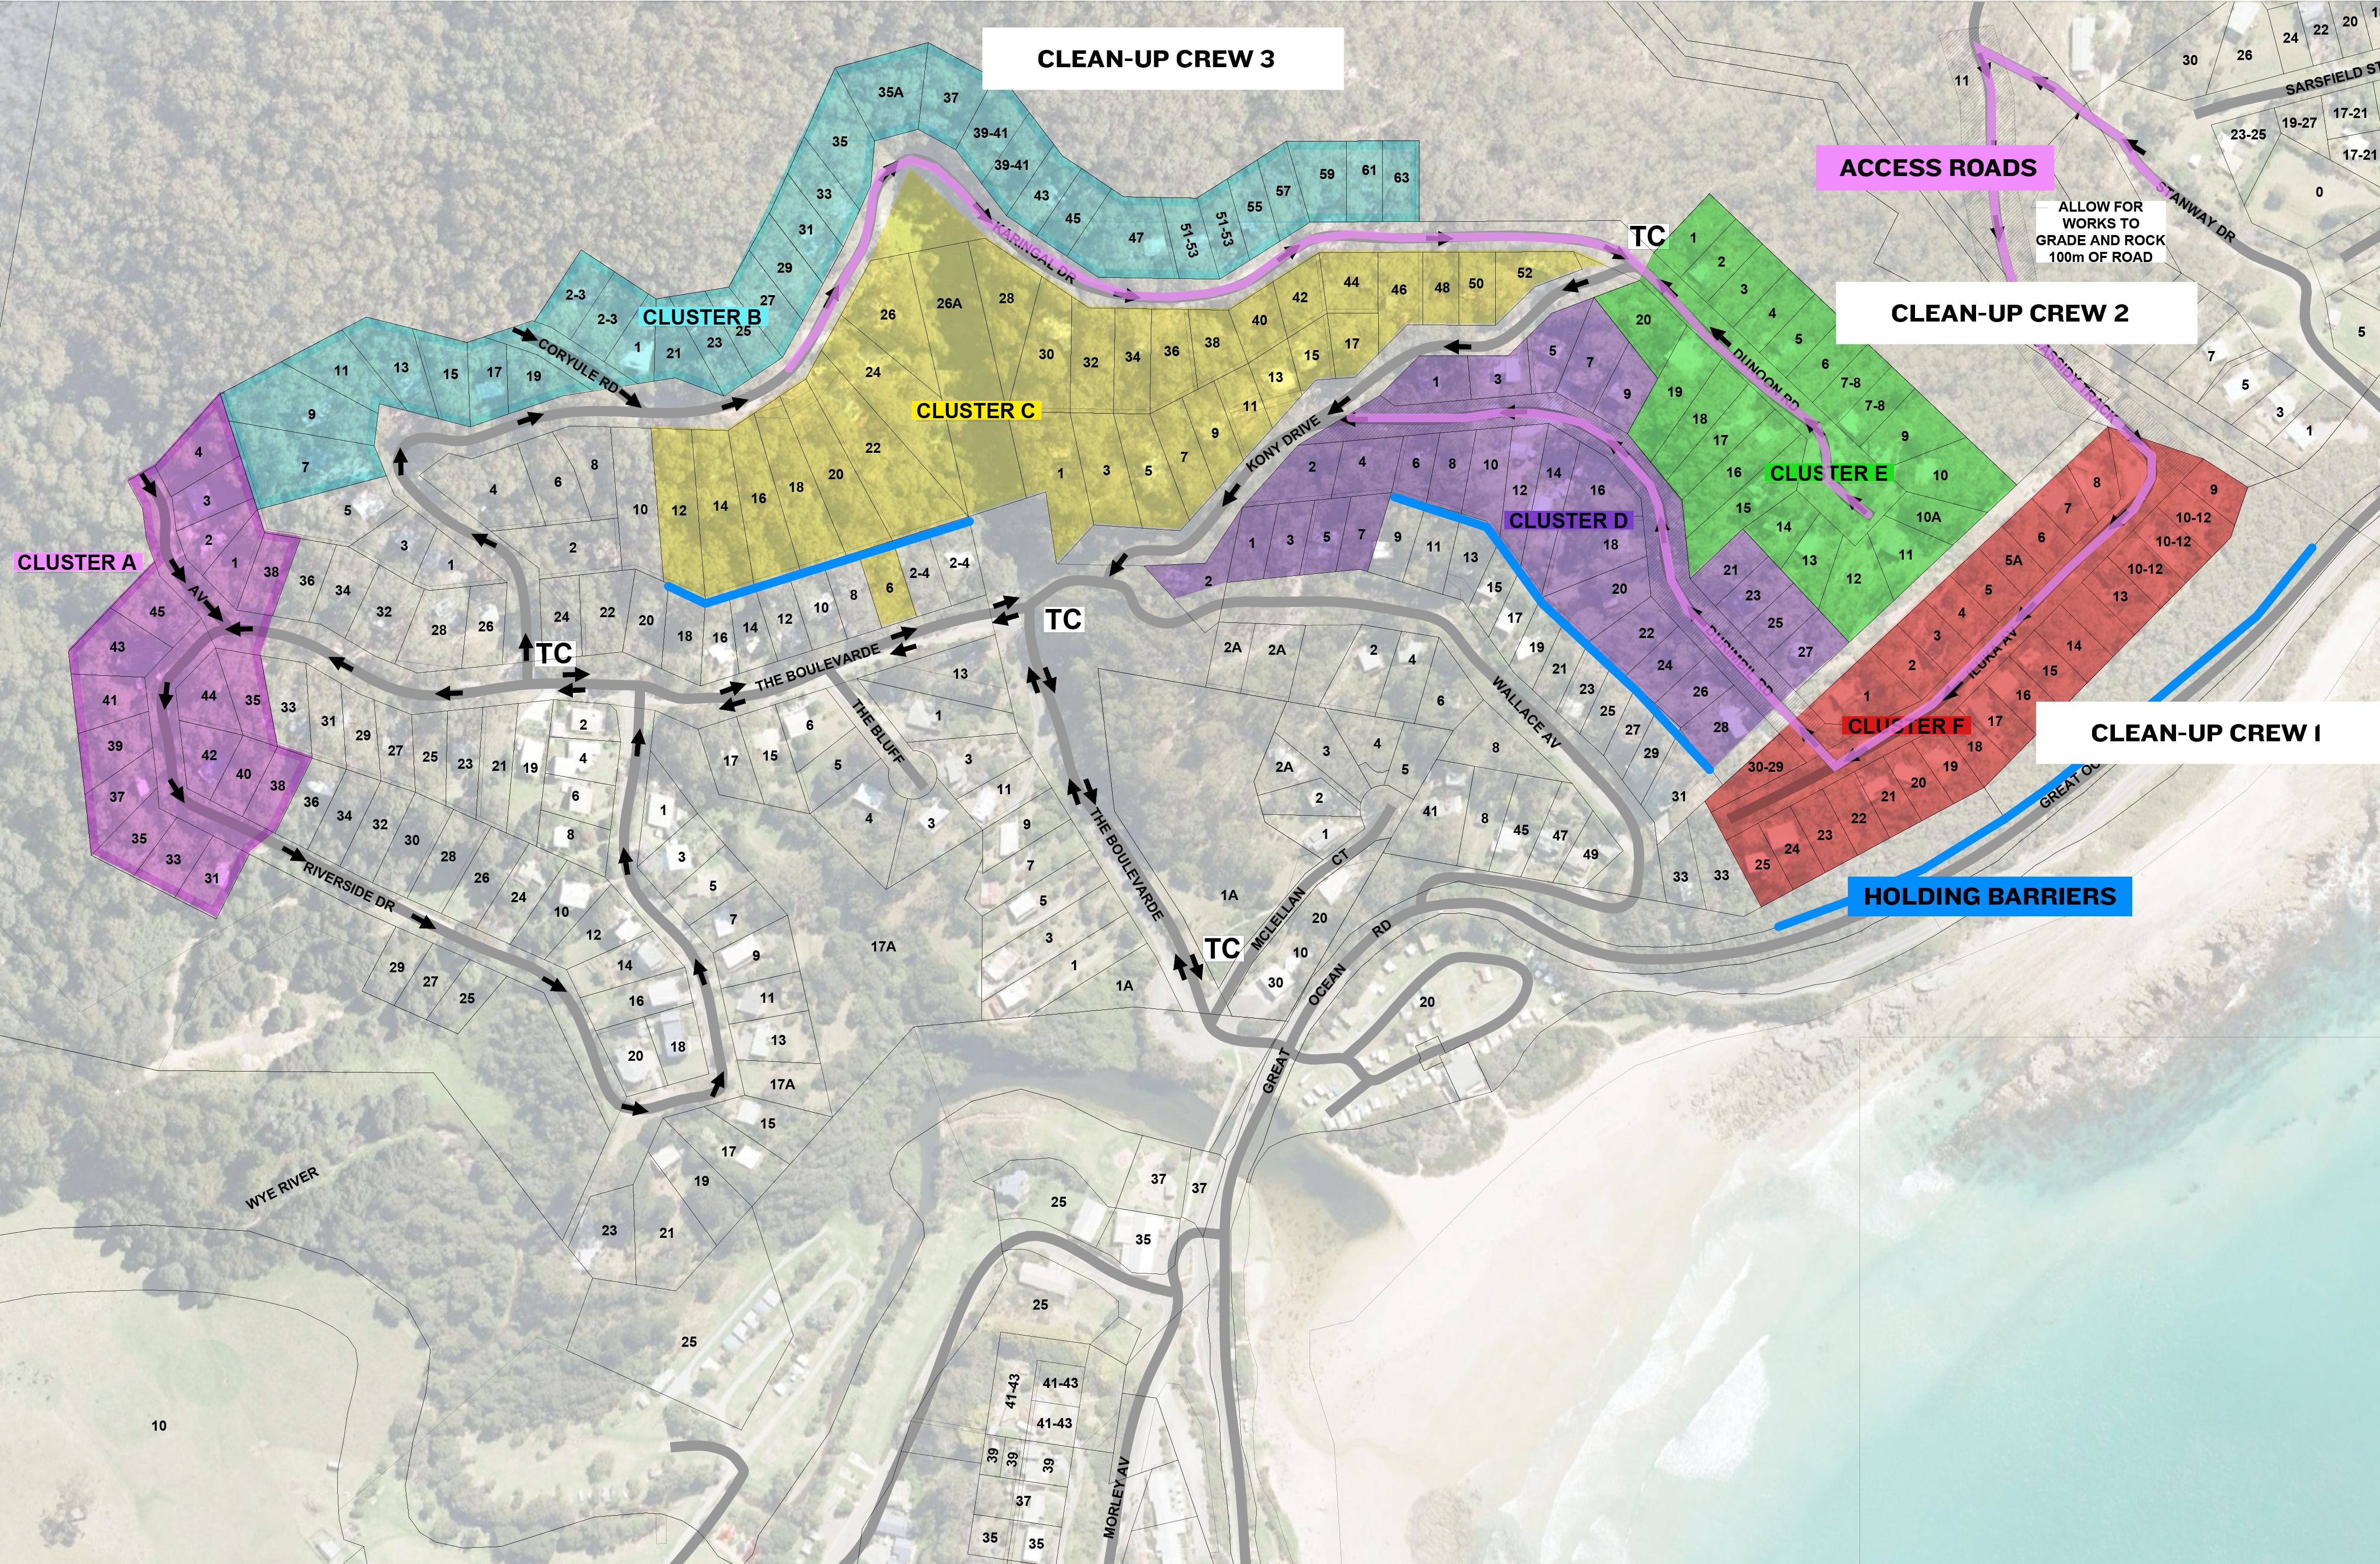 Cluster Plan Wye River V2 - Roads,Fences